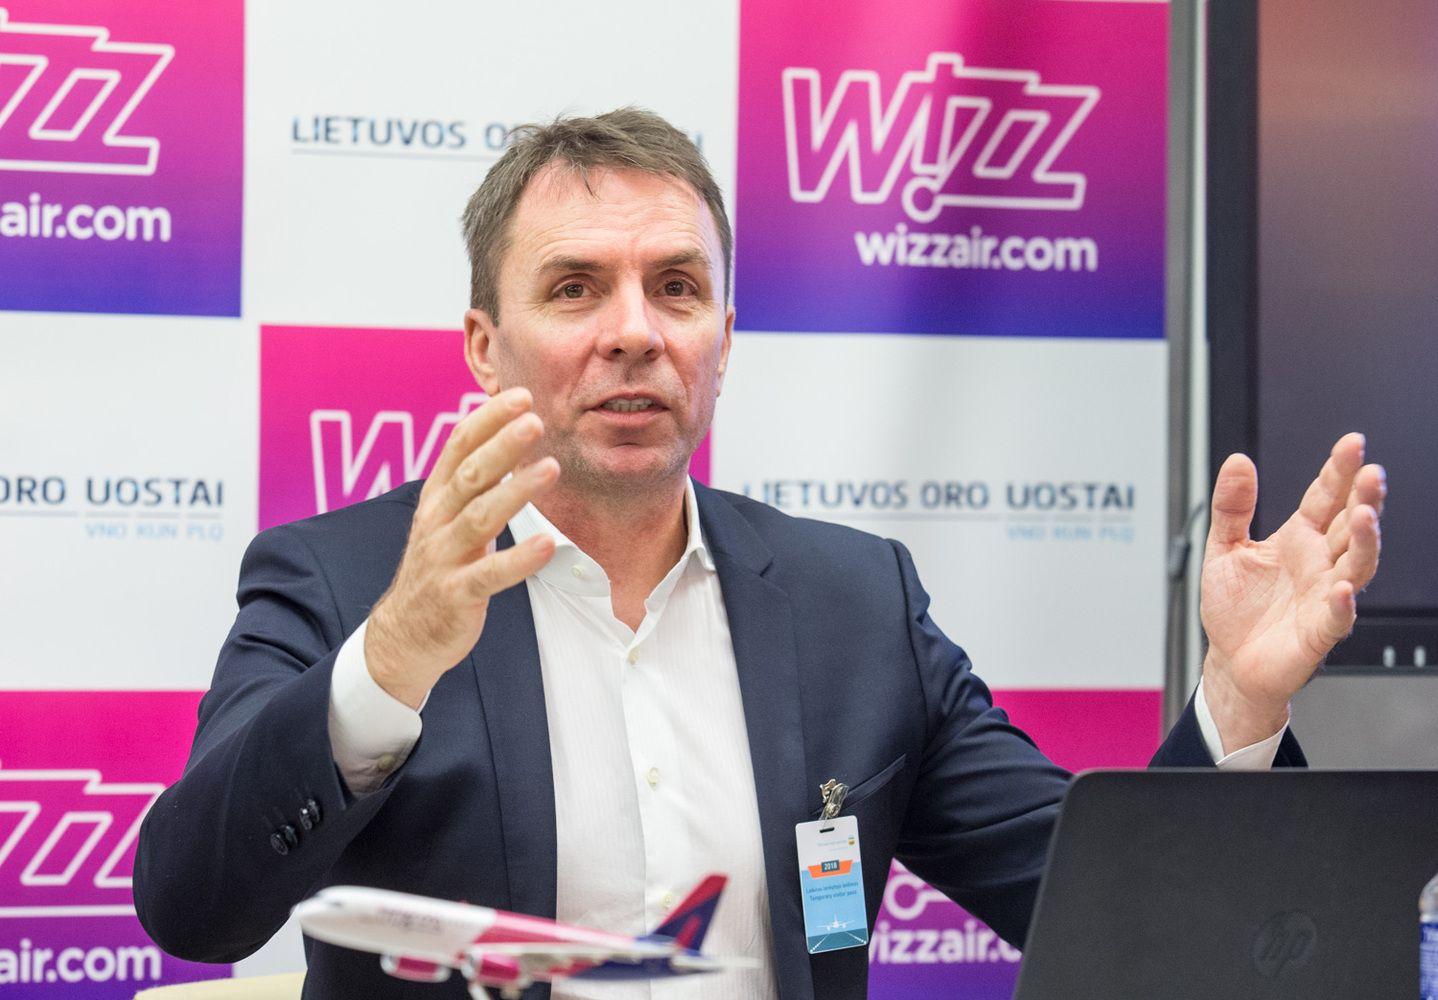 """Ketvirtadalį Lietuvos keleivių pervežusi """"Wizz Air"""" šiemet planuoja 20% augimą"""